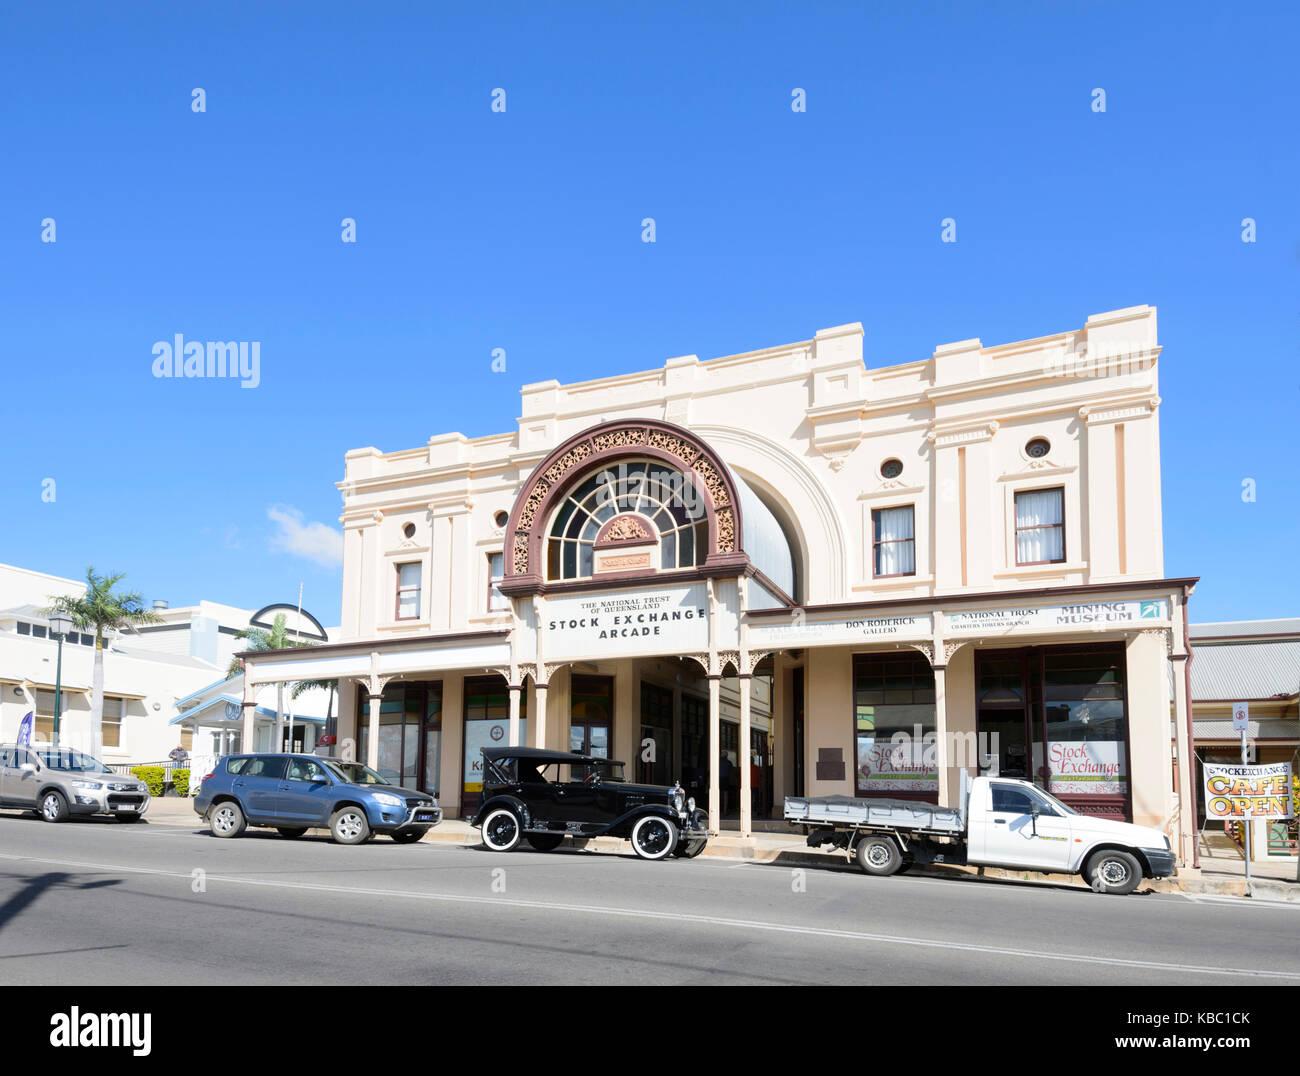 heritage-listed-stock-exchange-arcade-bu